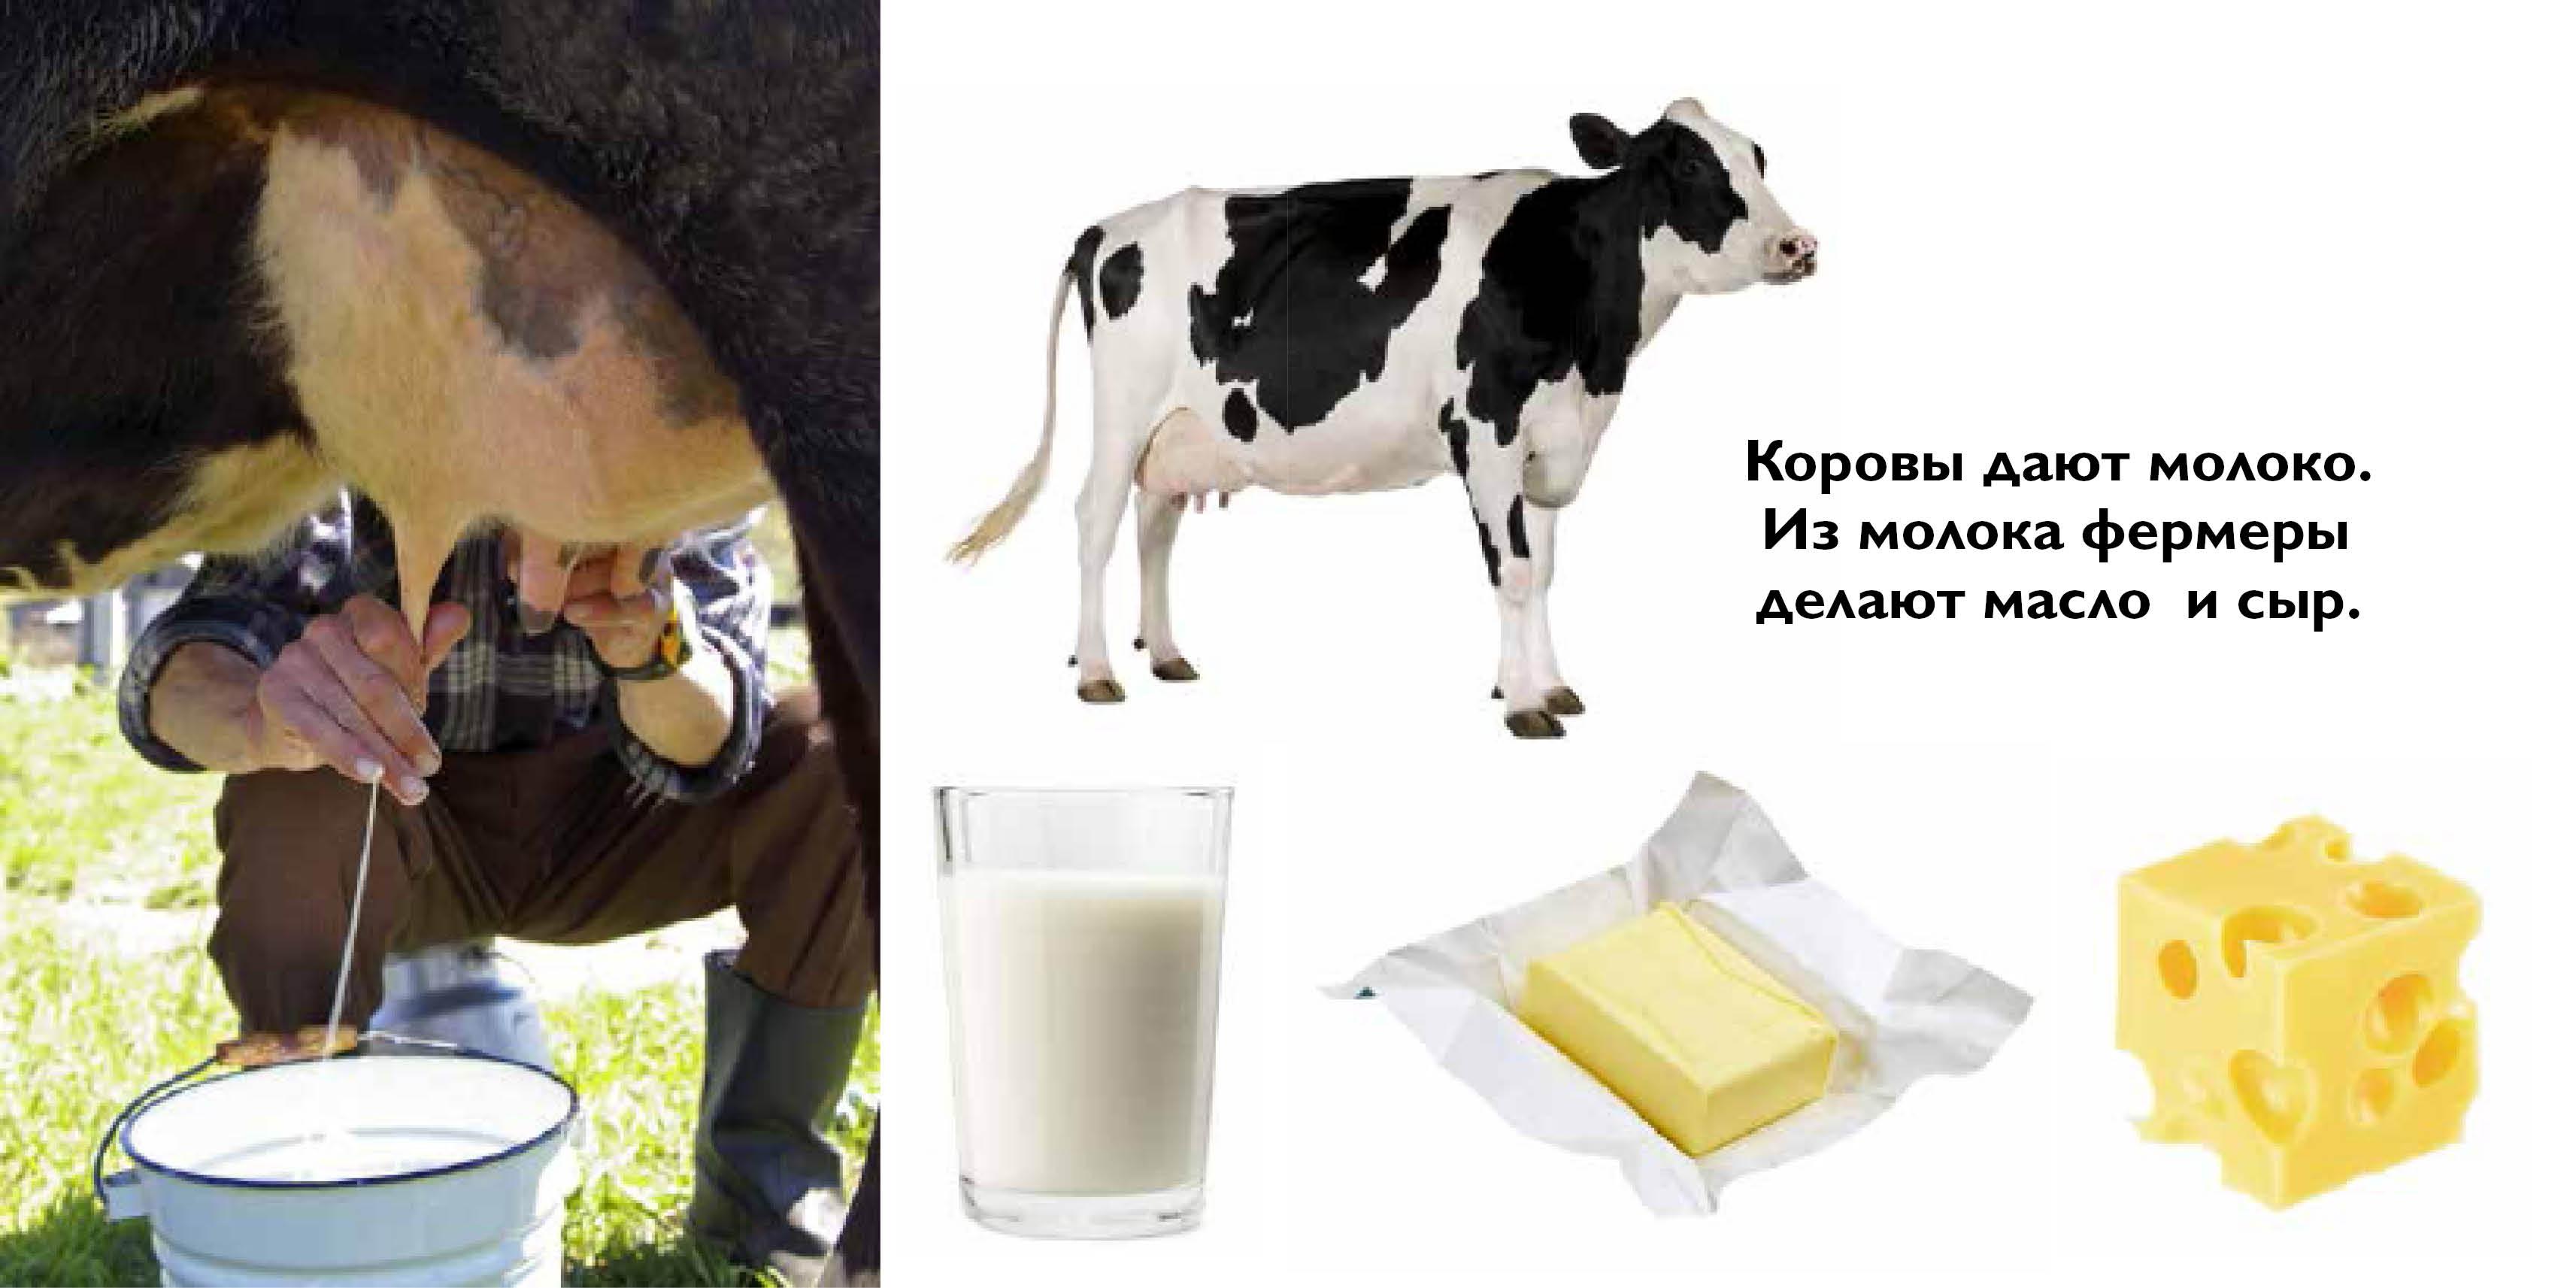 Животные дающие молоко картинки